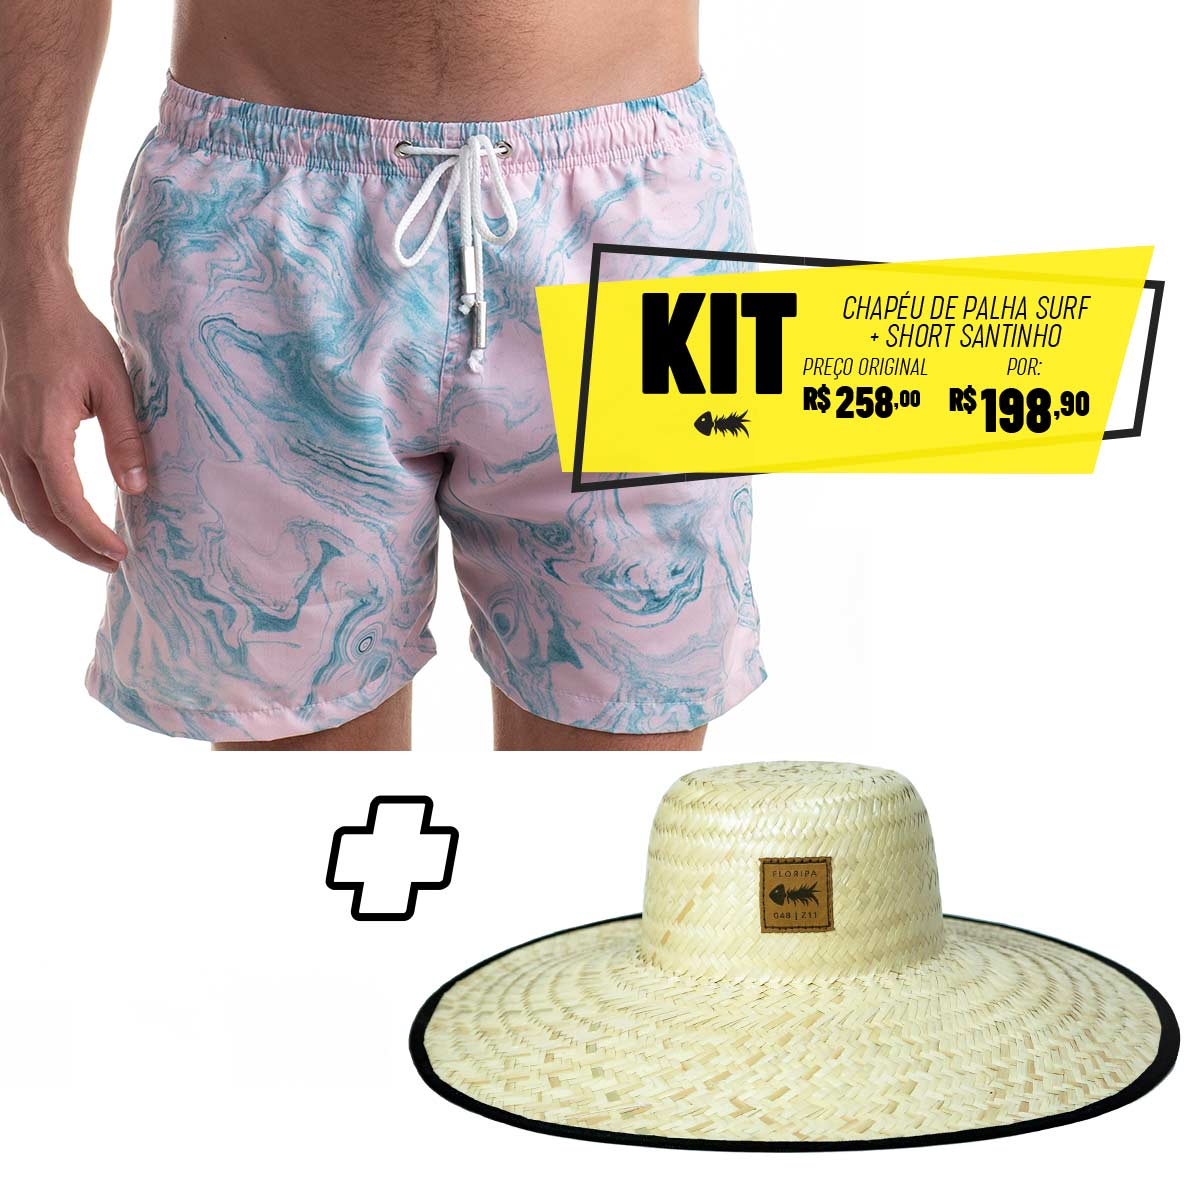 Kit Short Santinho + Chapéu de Palha Surf